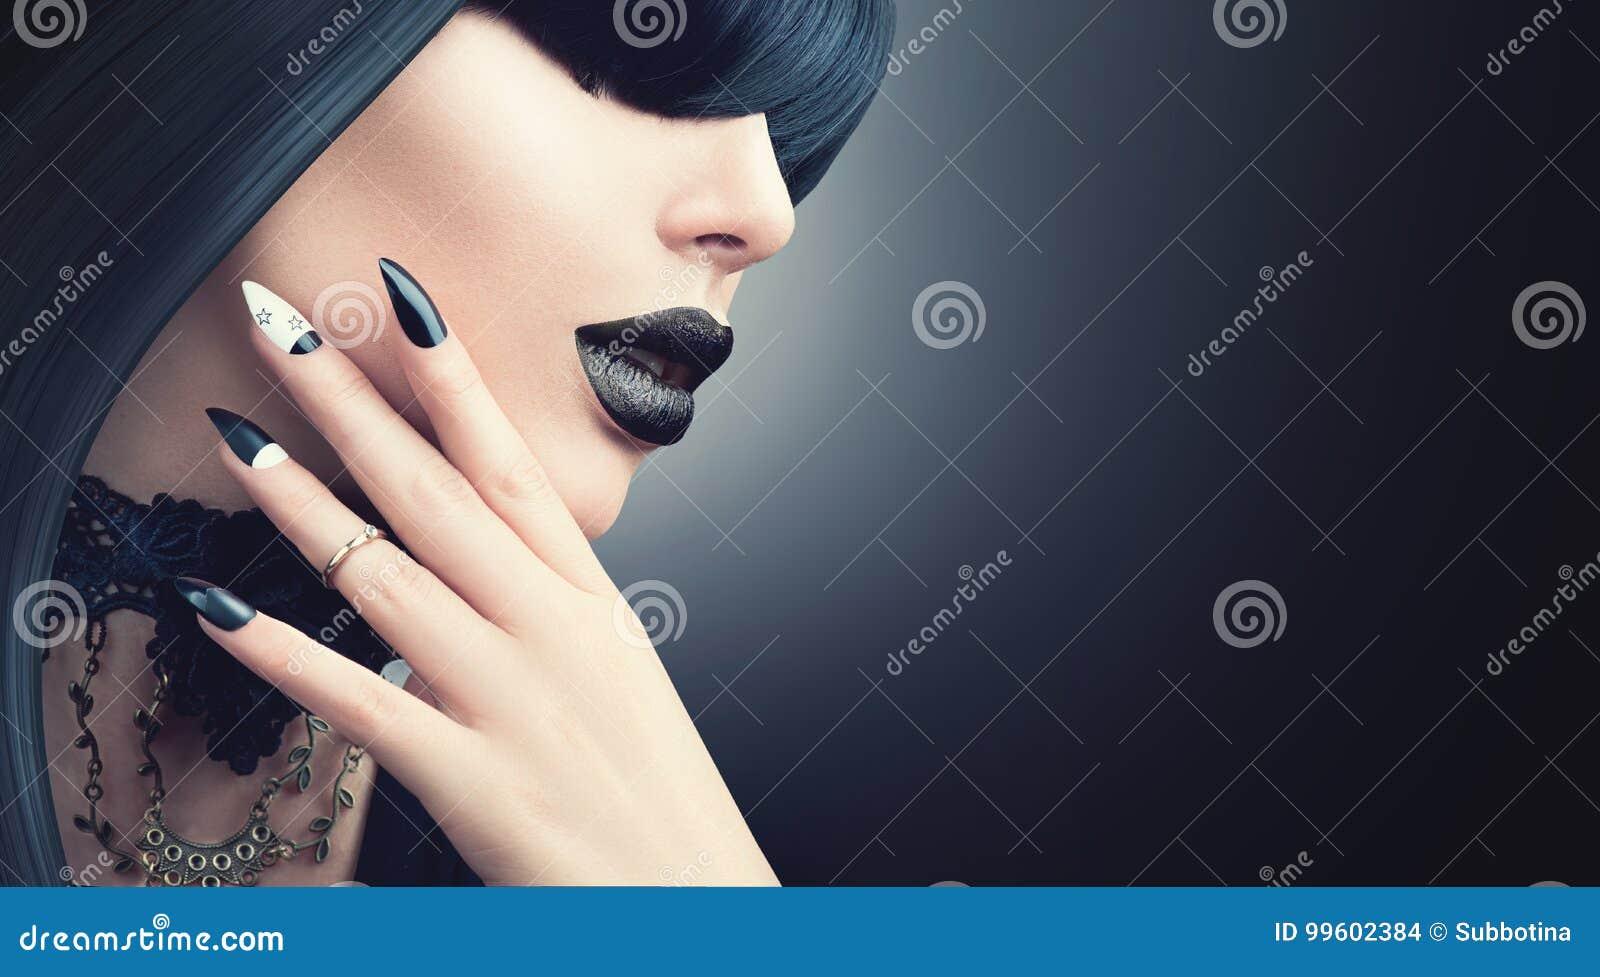 Faconnez A Halloween La Fille Modele Avec La Coiffure Le Maquillage